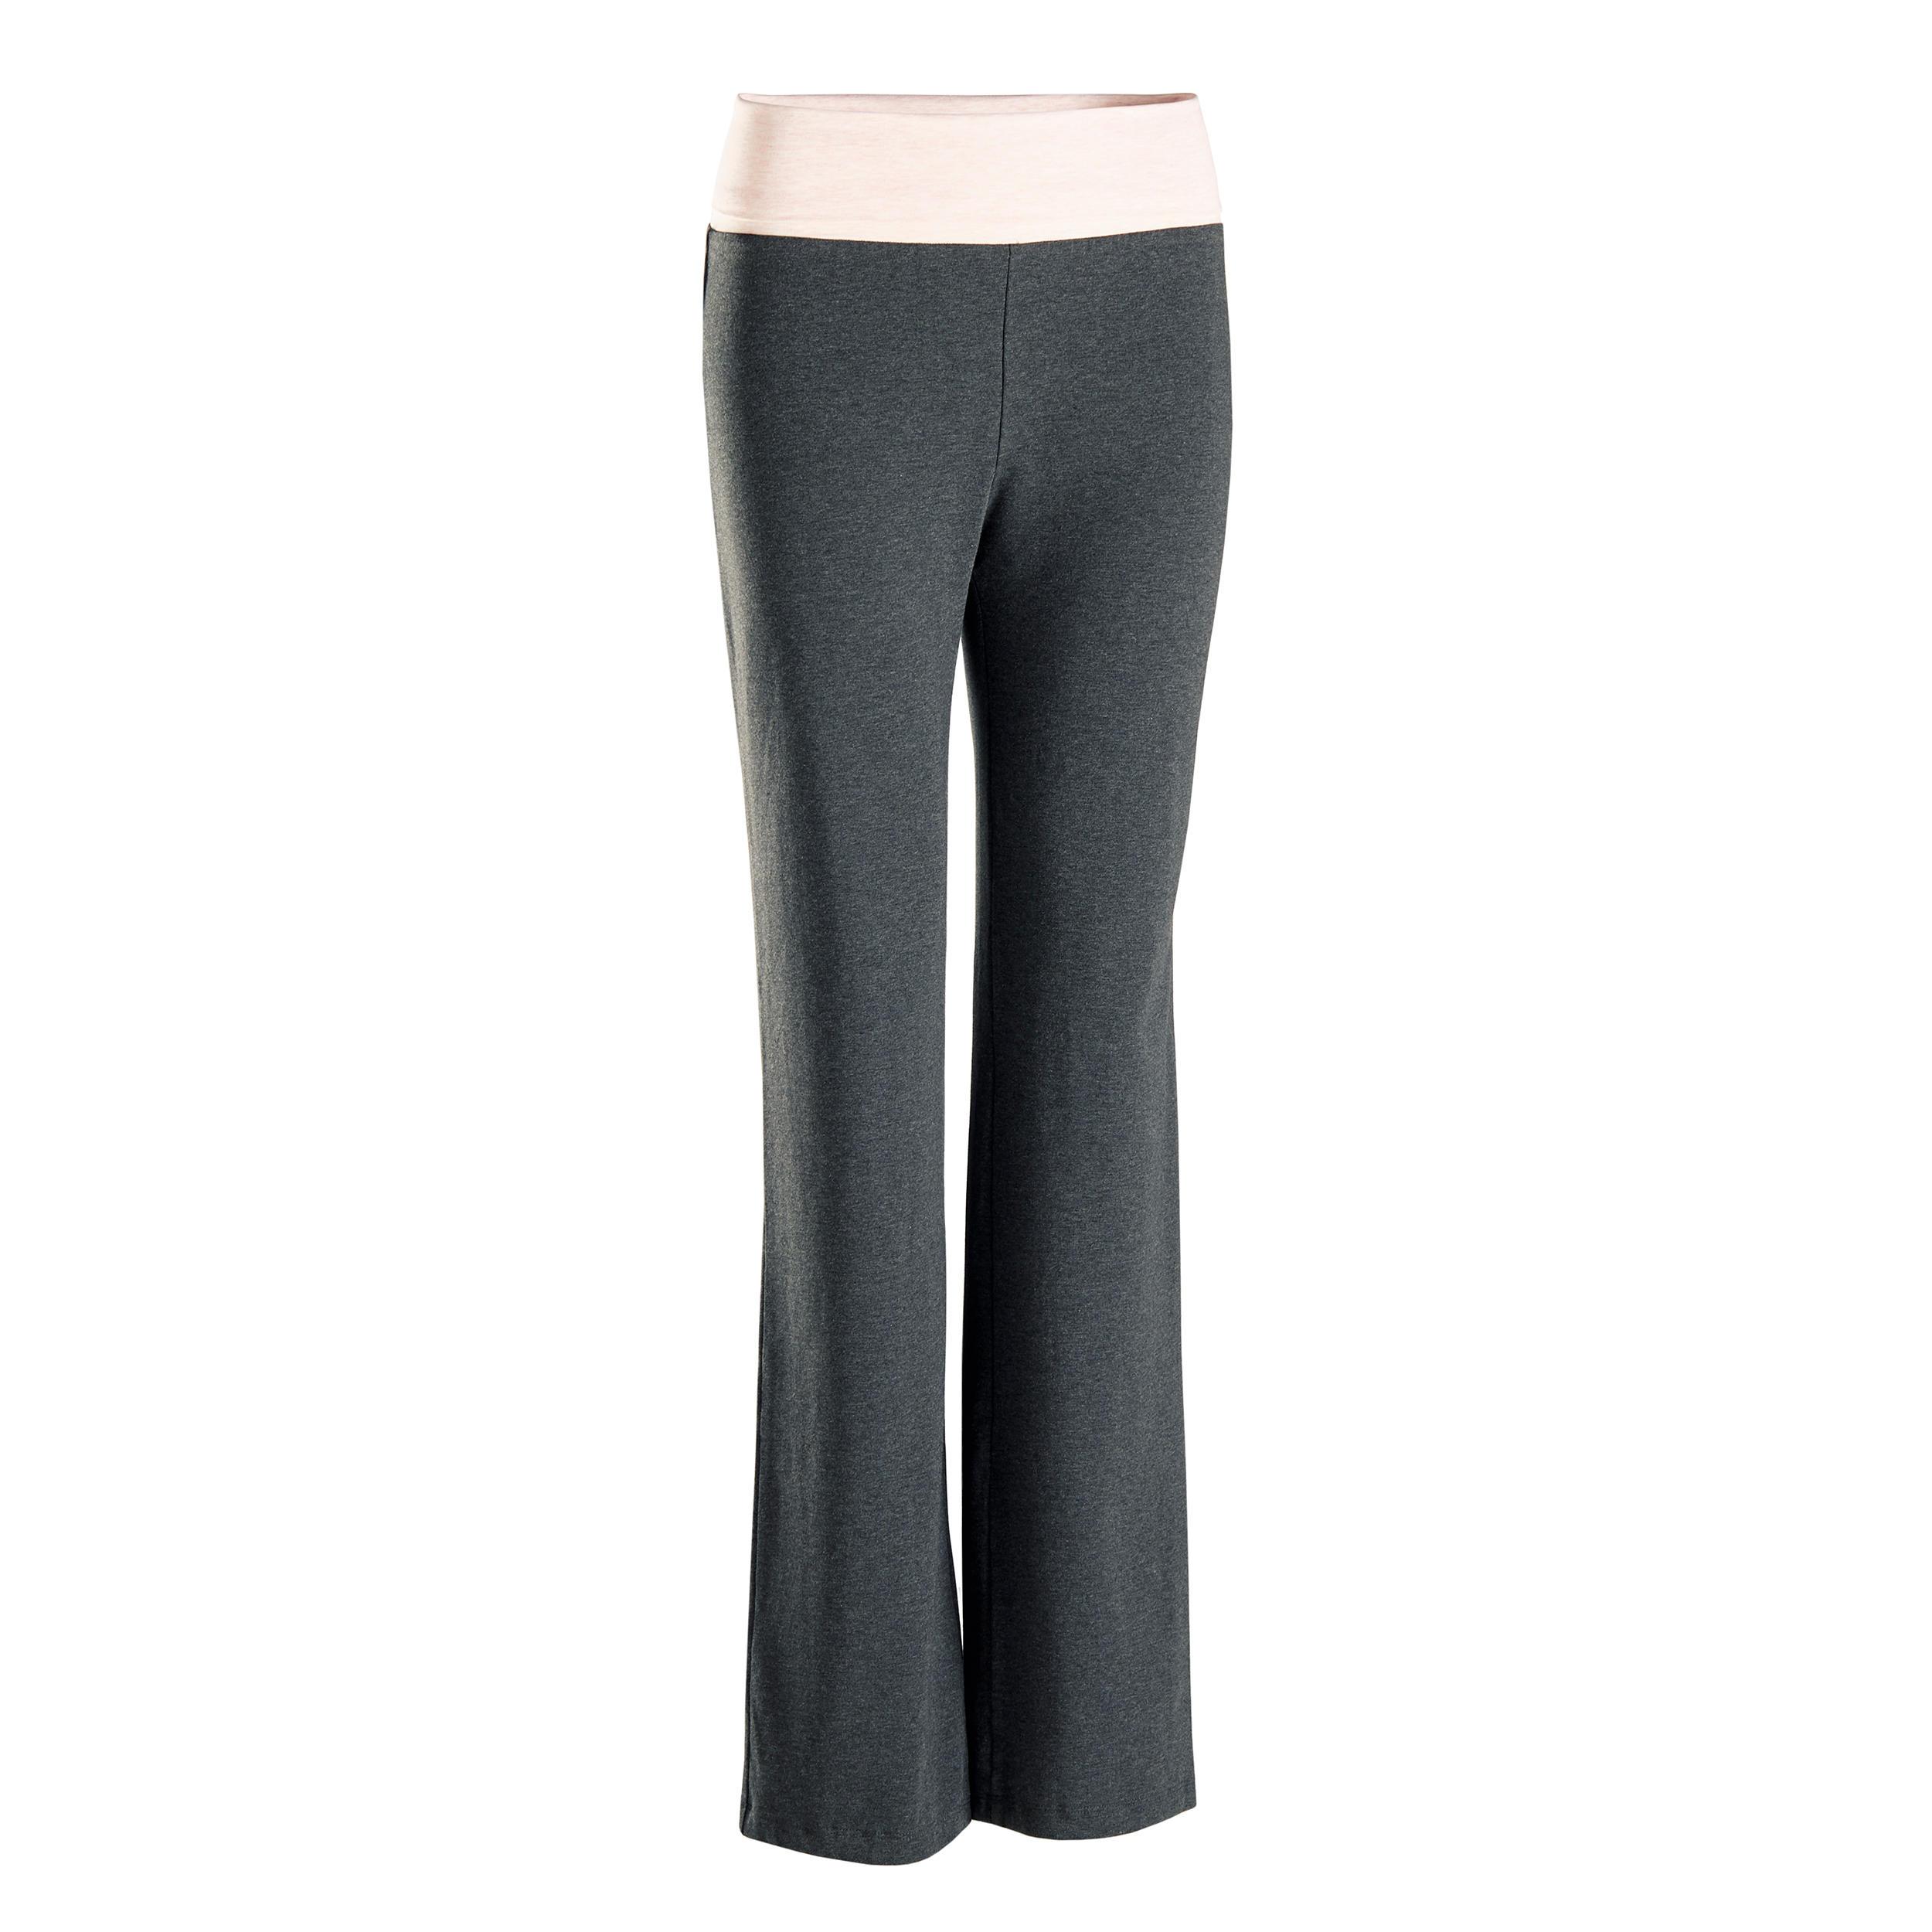 Pantalon Yoga Uşoară Damă